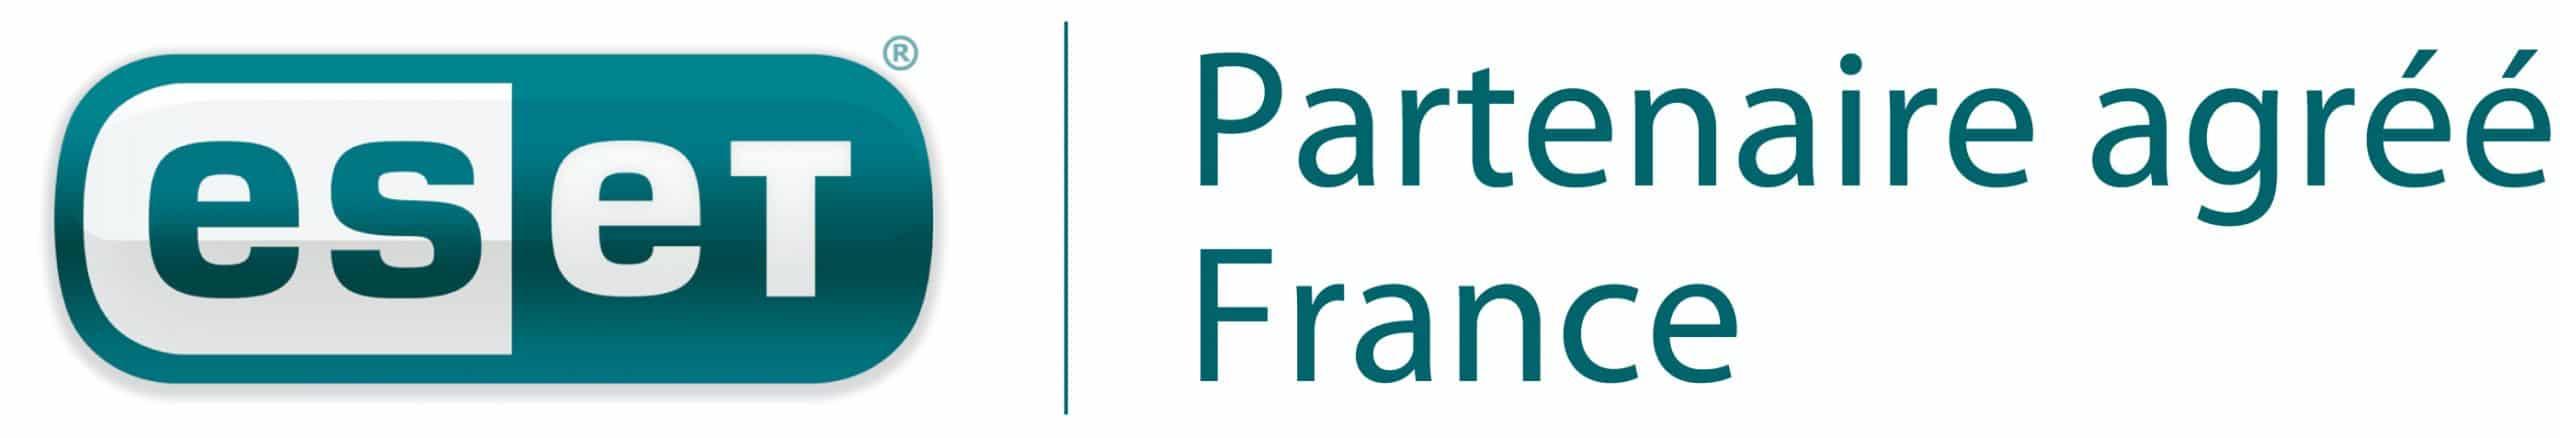 partenaire-agree-d.inform